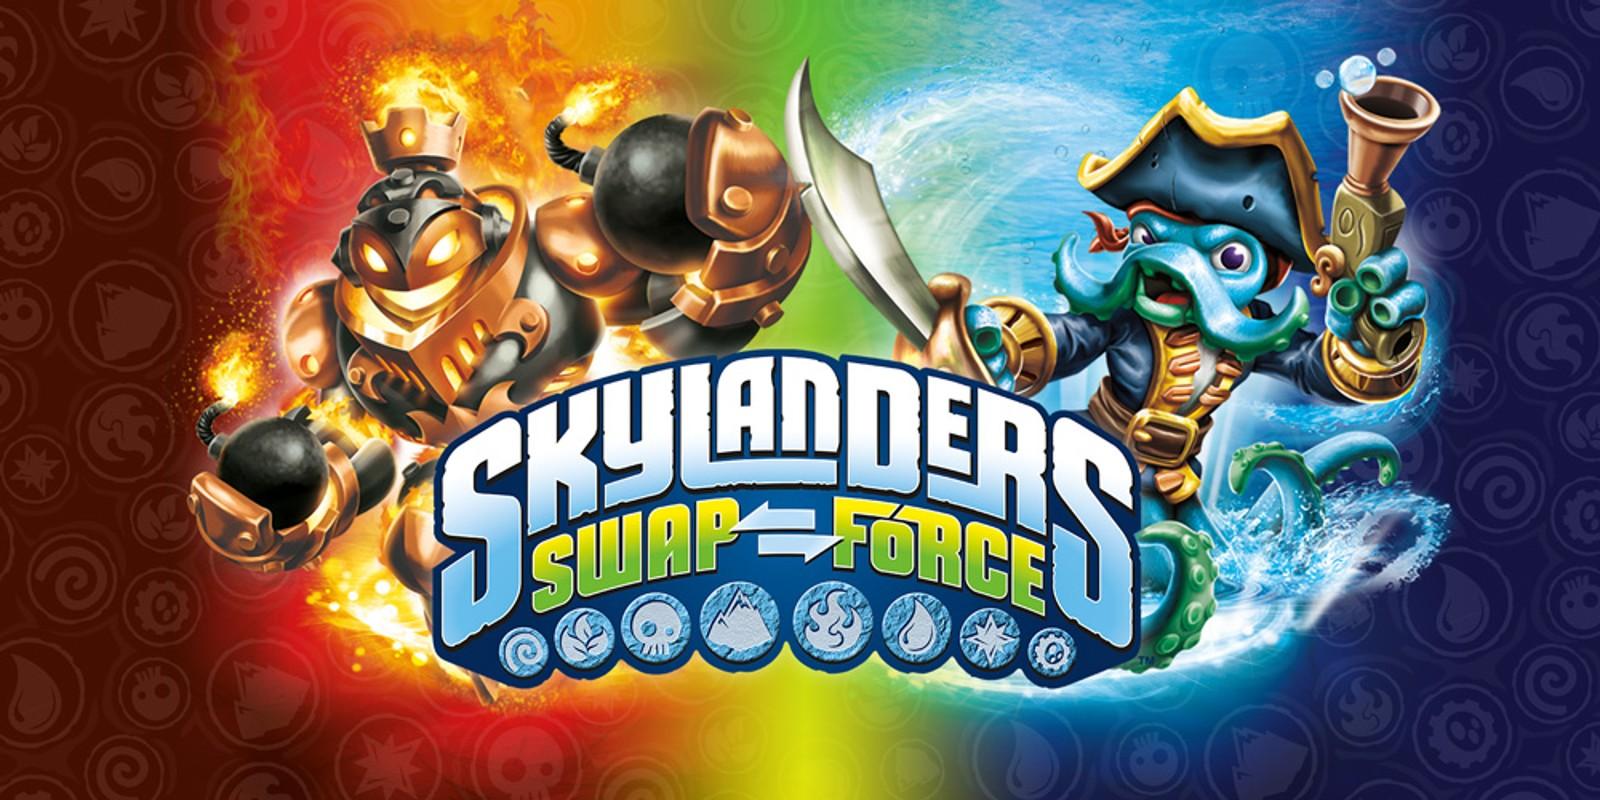 Skylanders swap force wii u jeux nintendo - Jeux gratuit skylanders ...